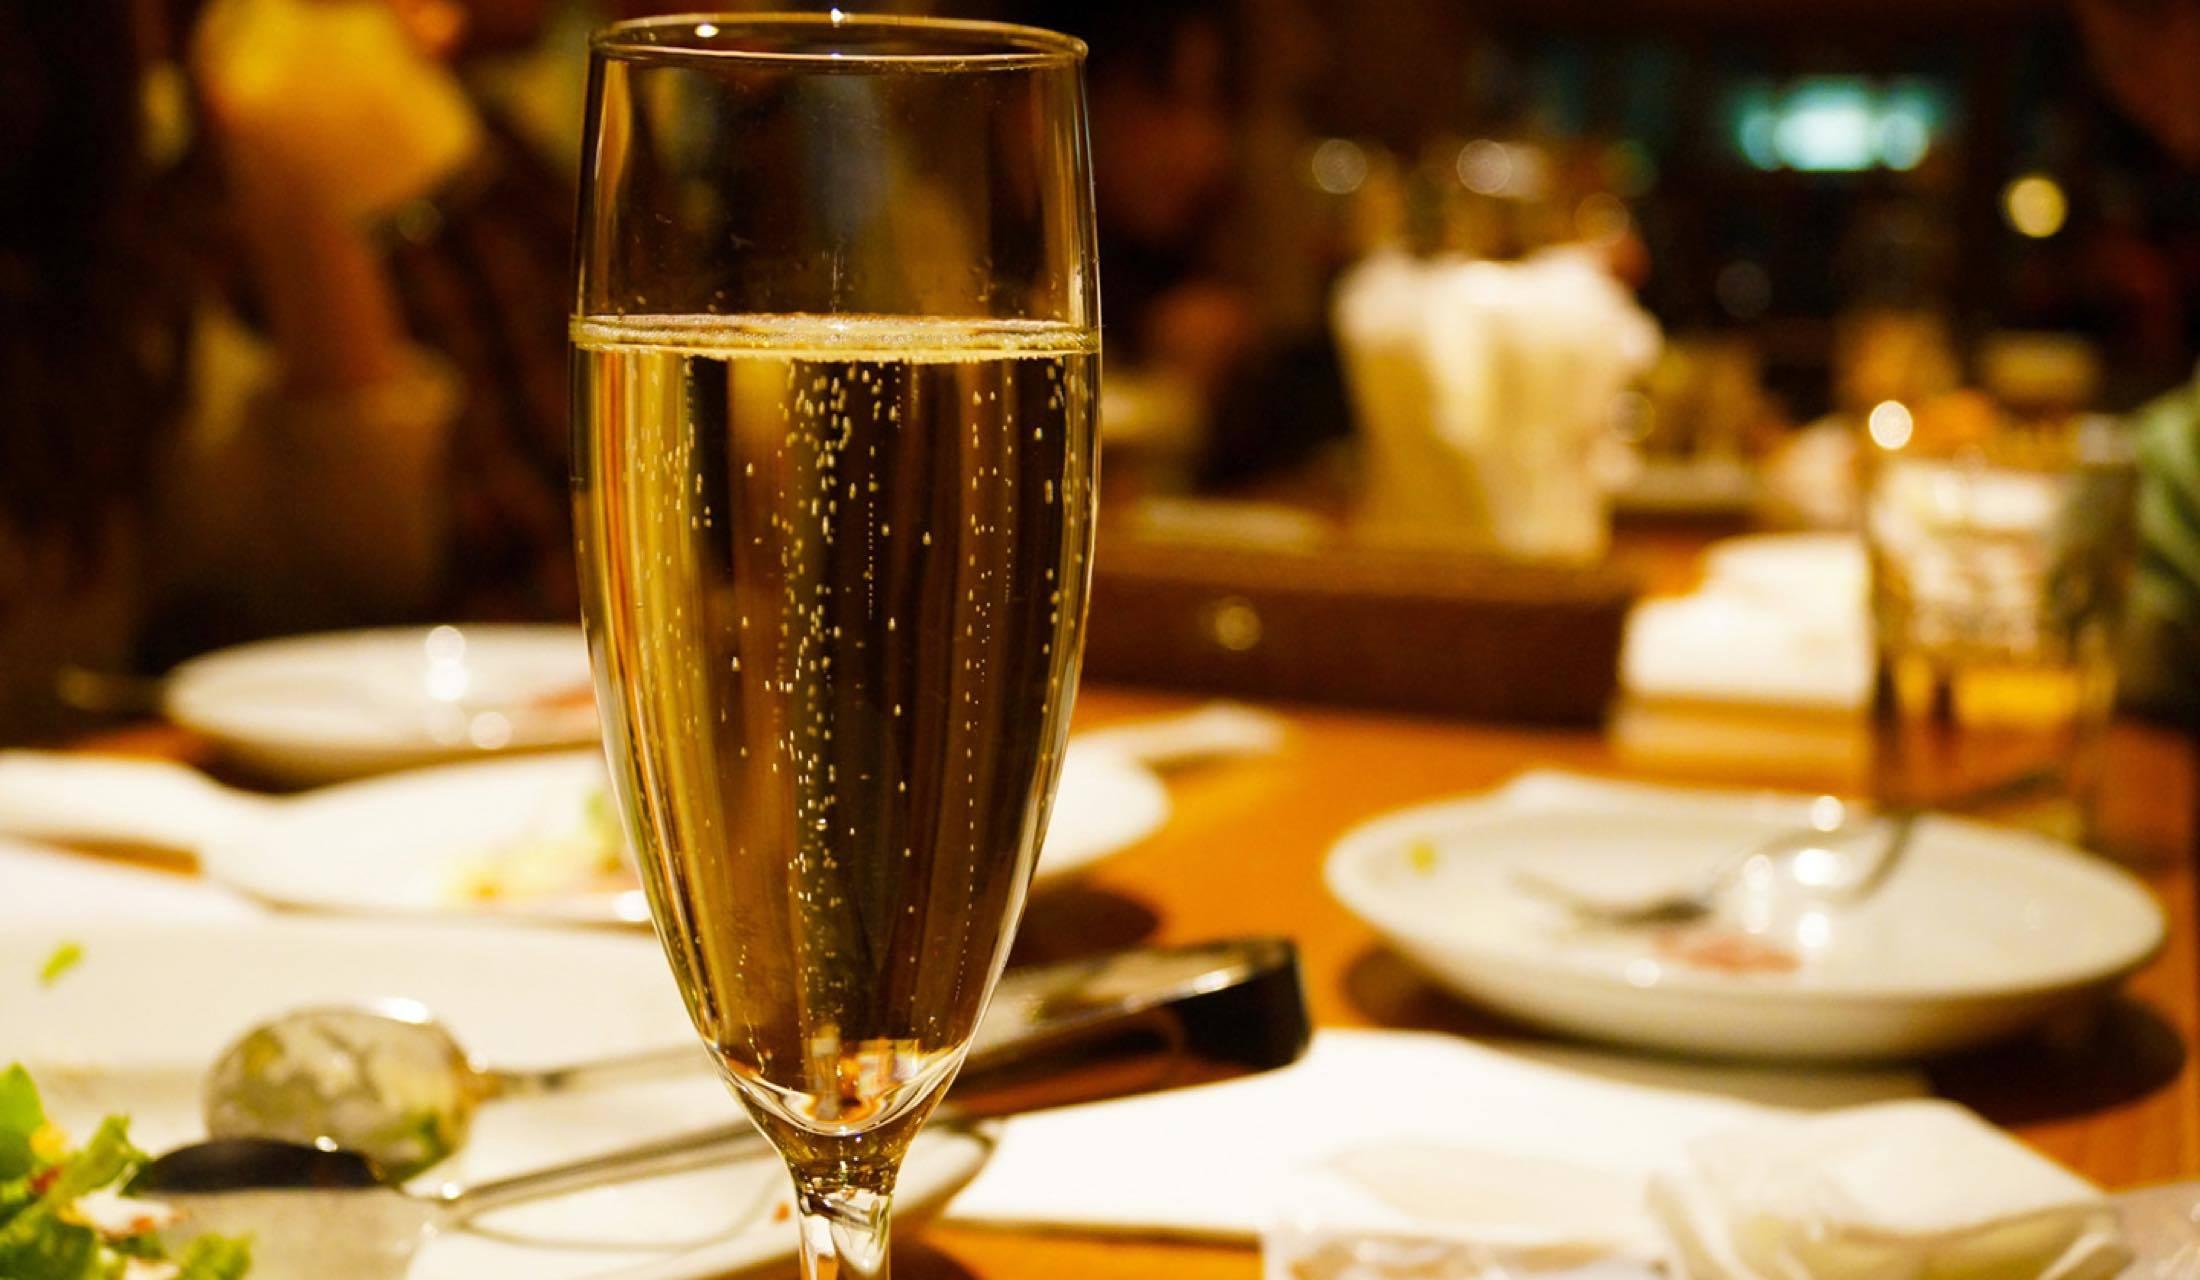 シャンパングラスと食卓